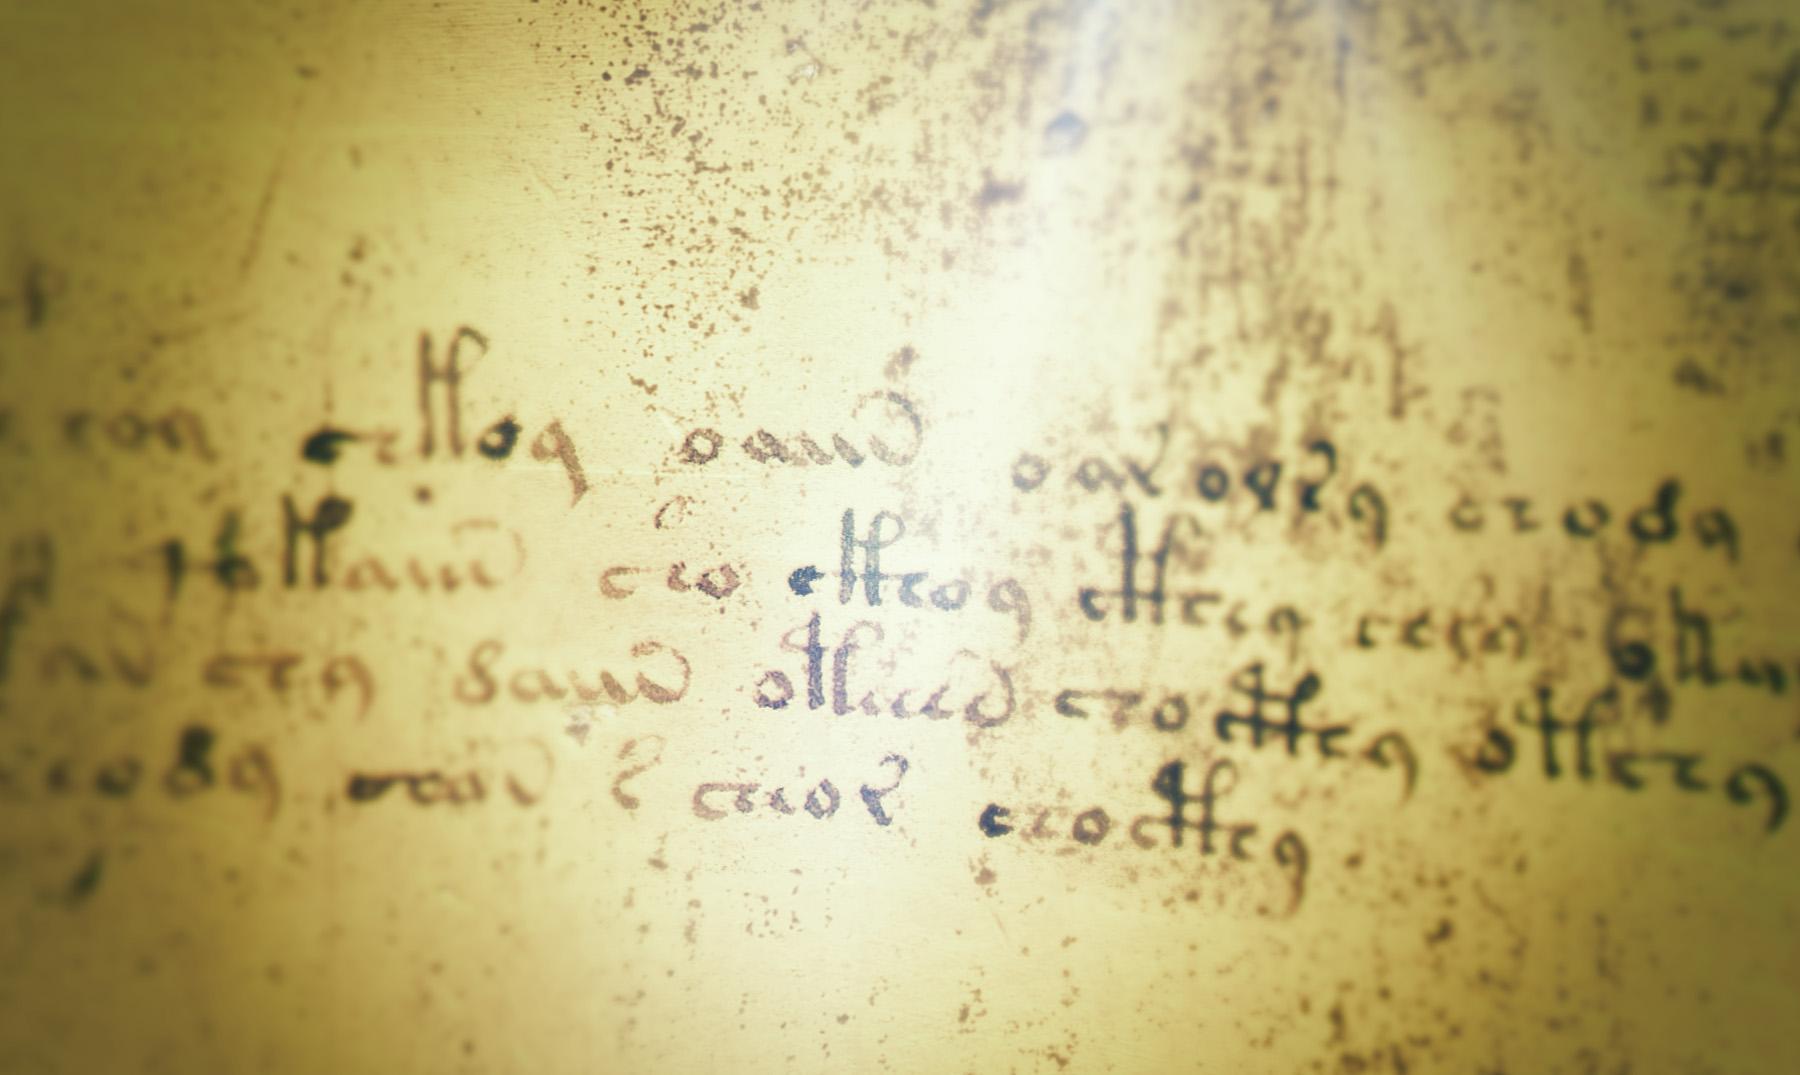 El libro más enigmático de la historia - el manuscrito Voynich